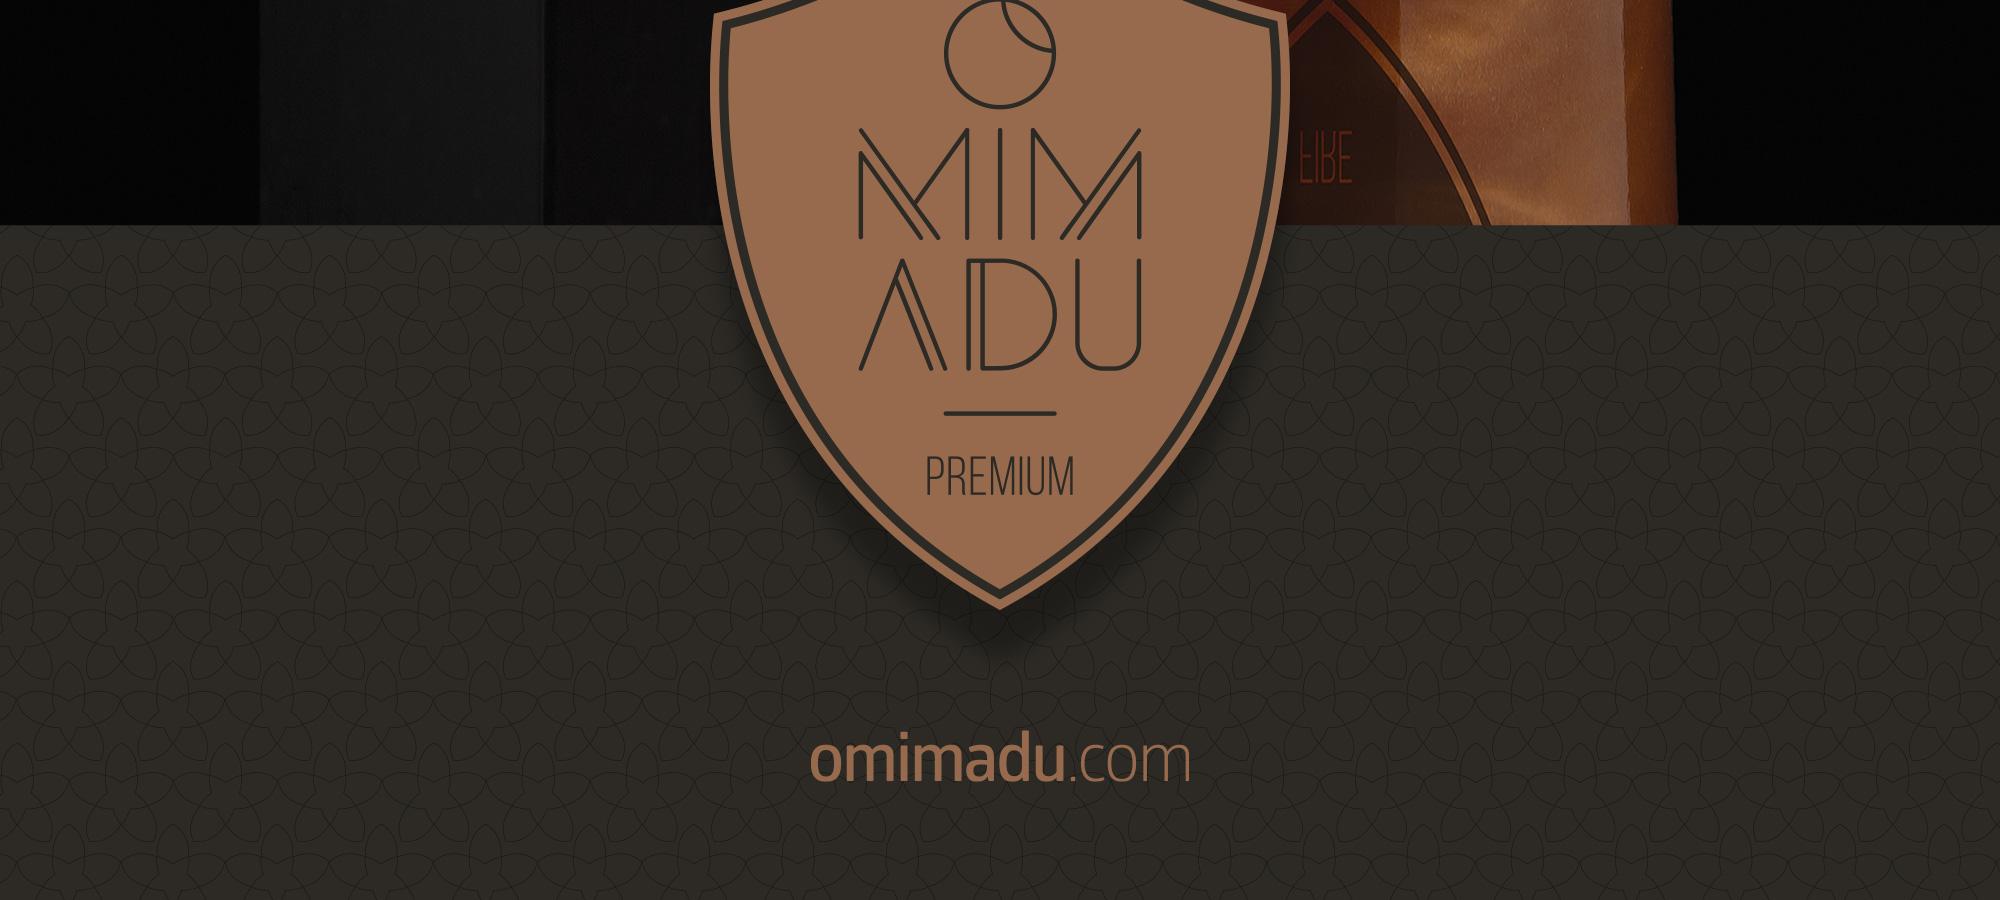 omimadu-10